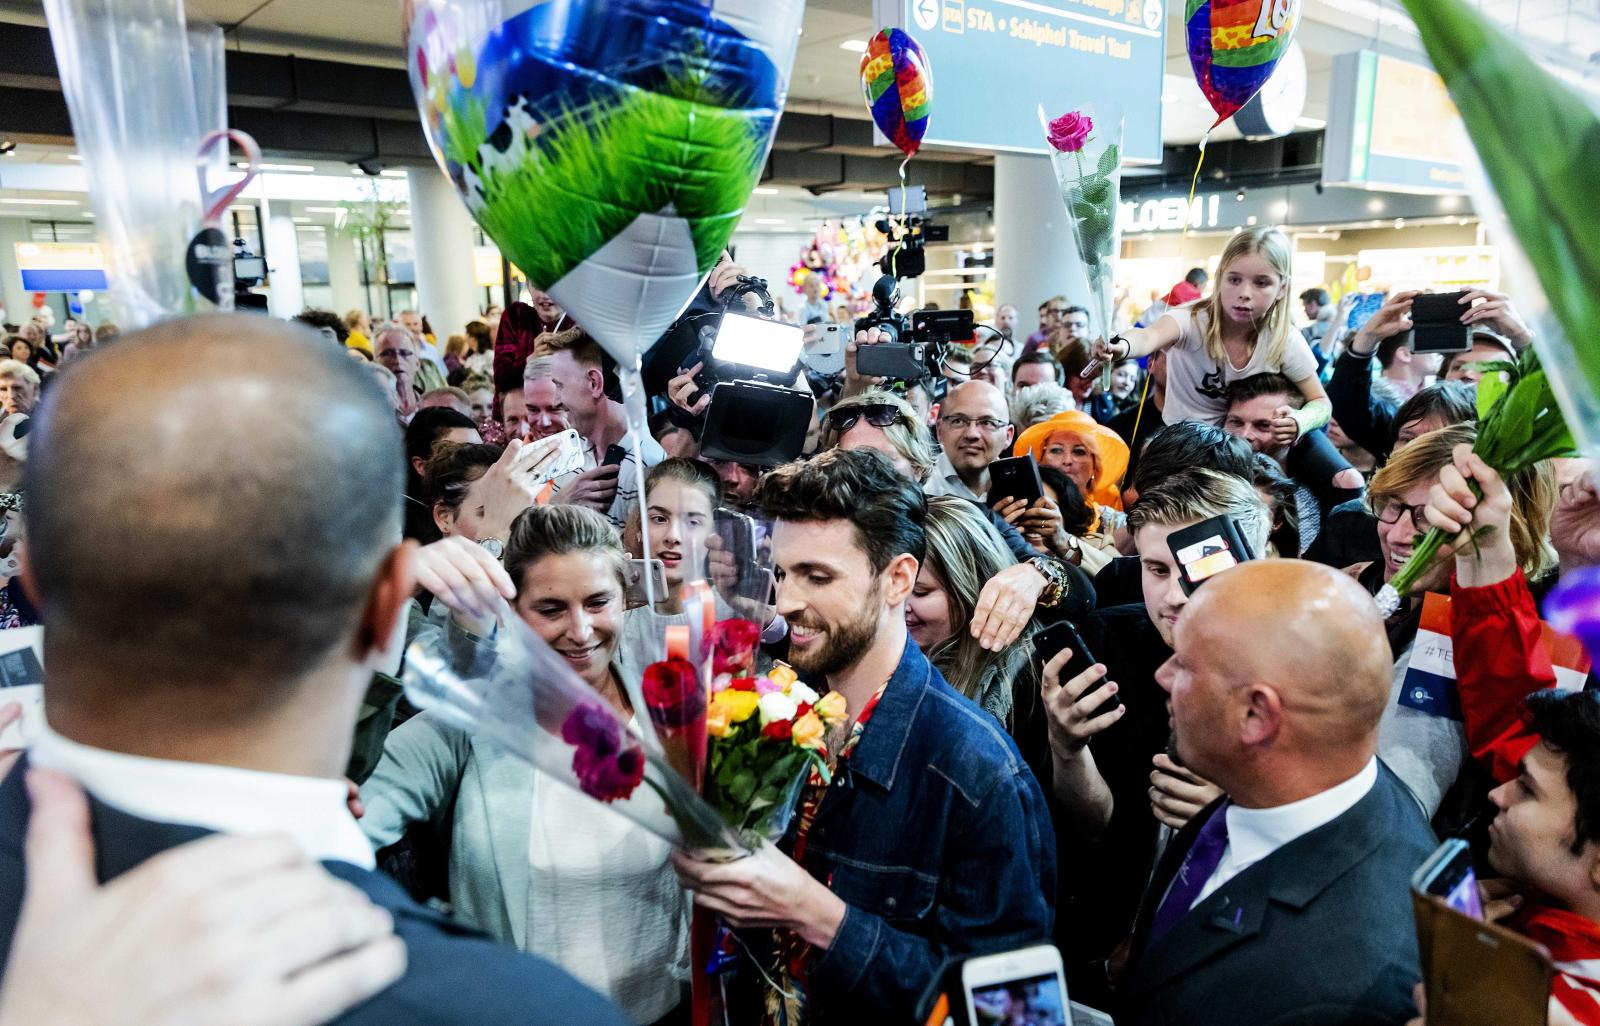 Zwycięzca Eurowizji wrócił do Holandii. Fot. PAP/EPA/ROBIN VAN LONKHUIJSEN